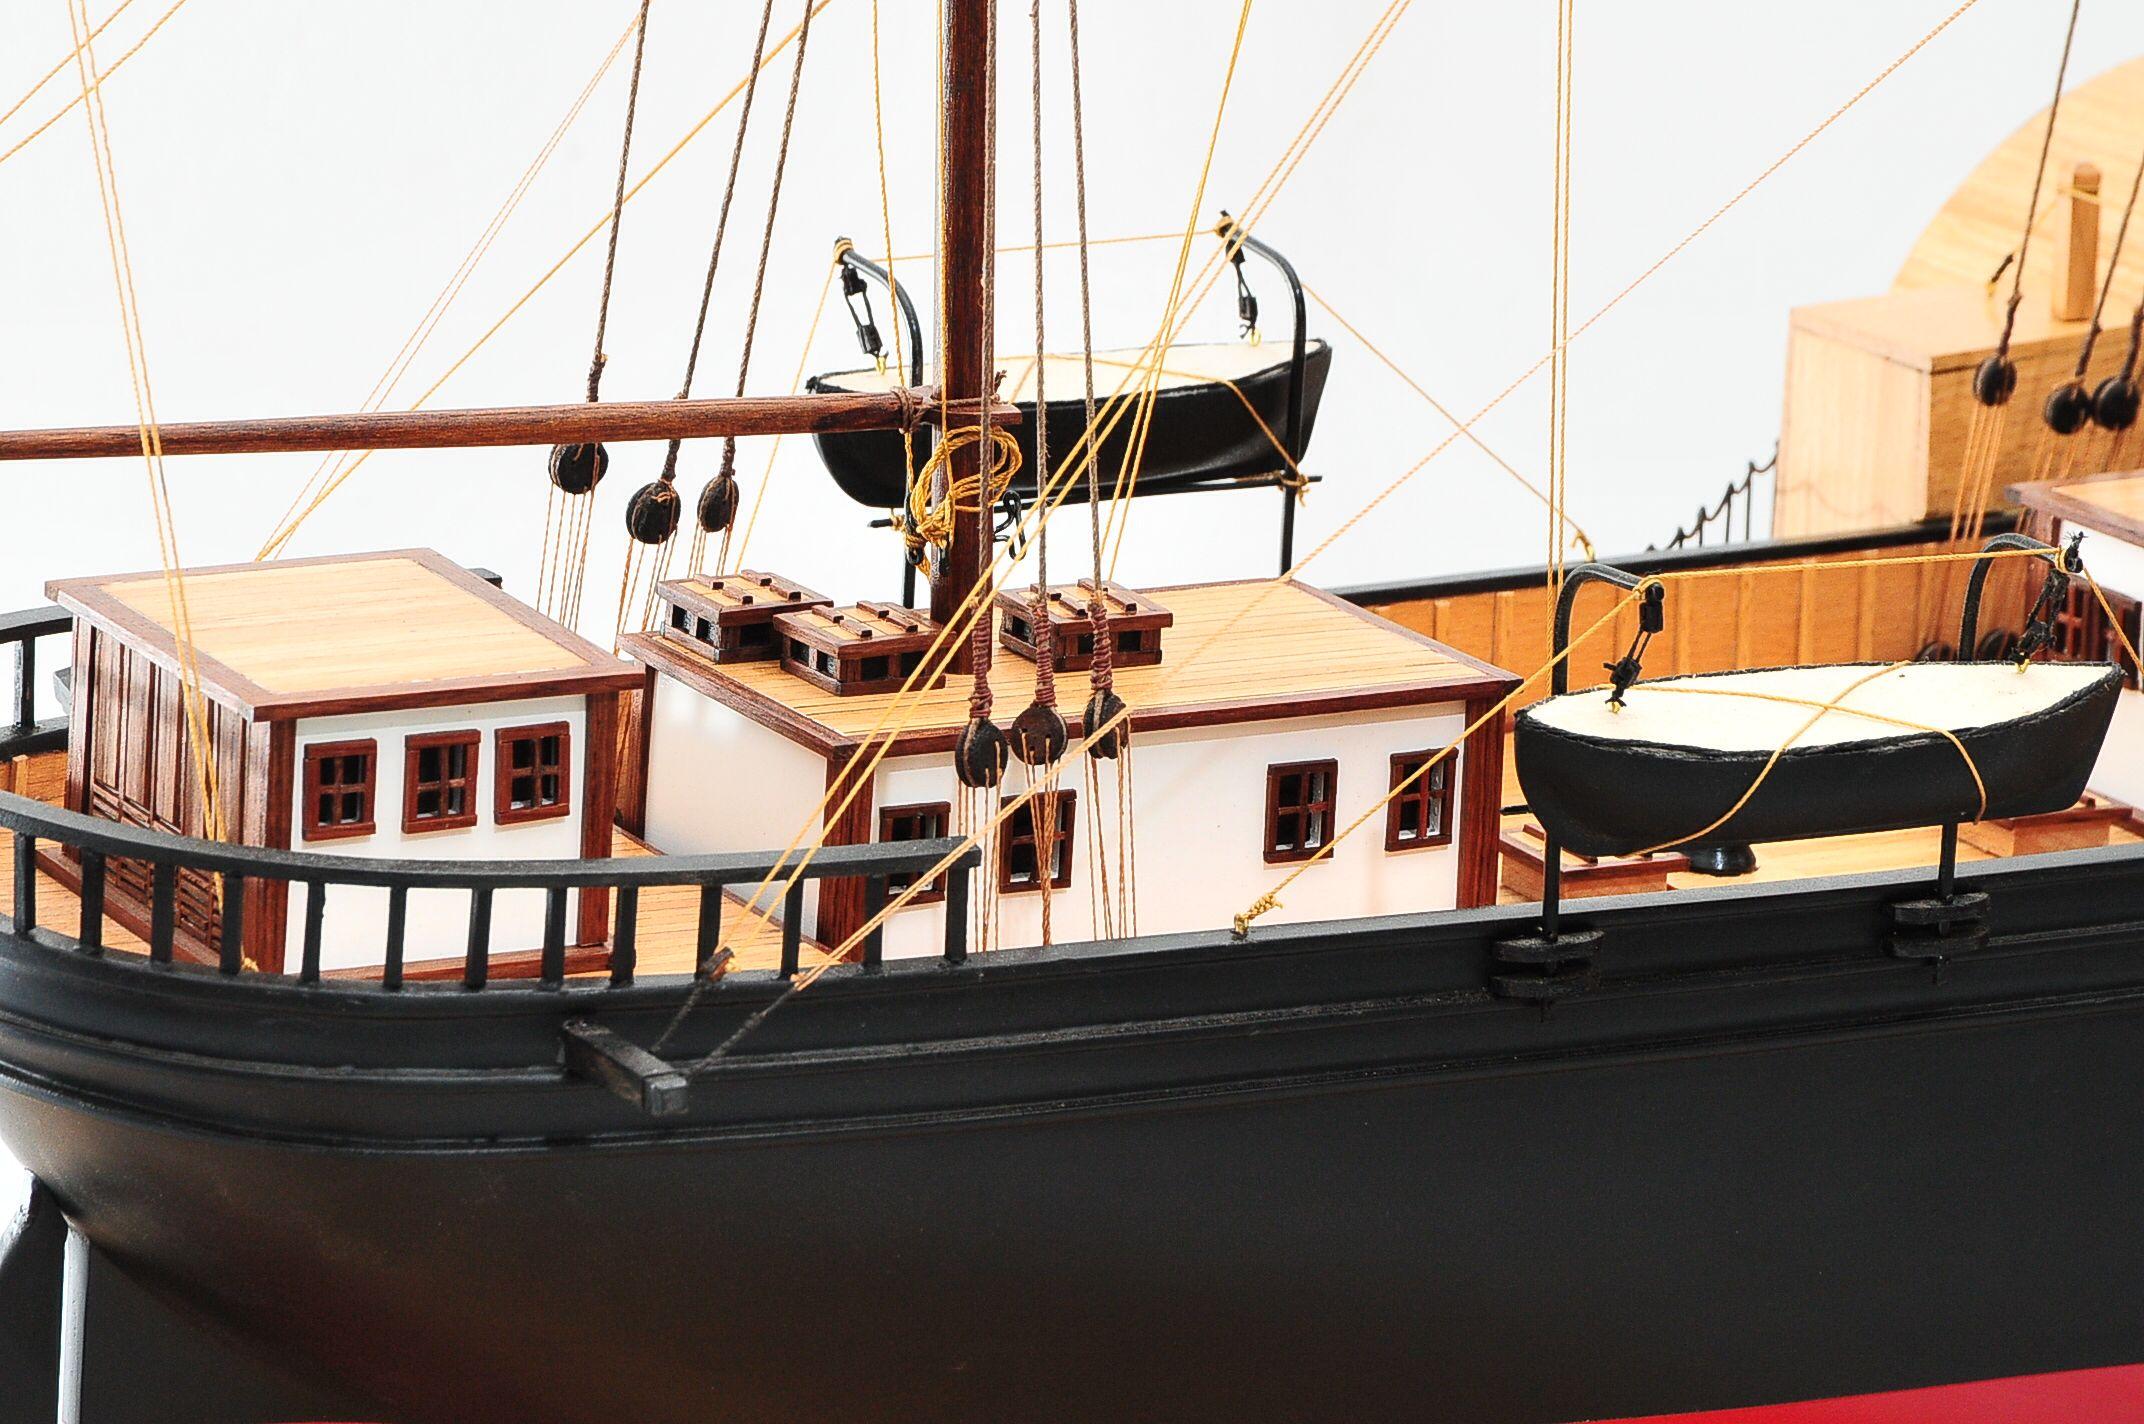 668-8659-California-Model-Ship-Premier-Range